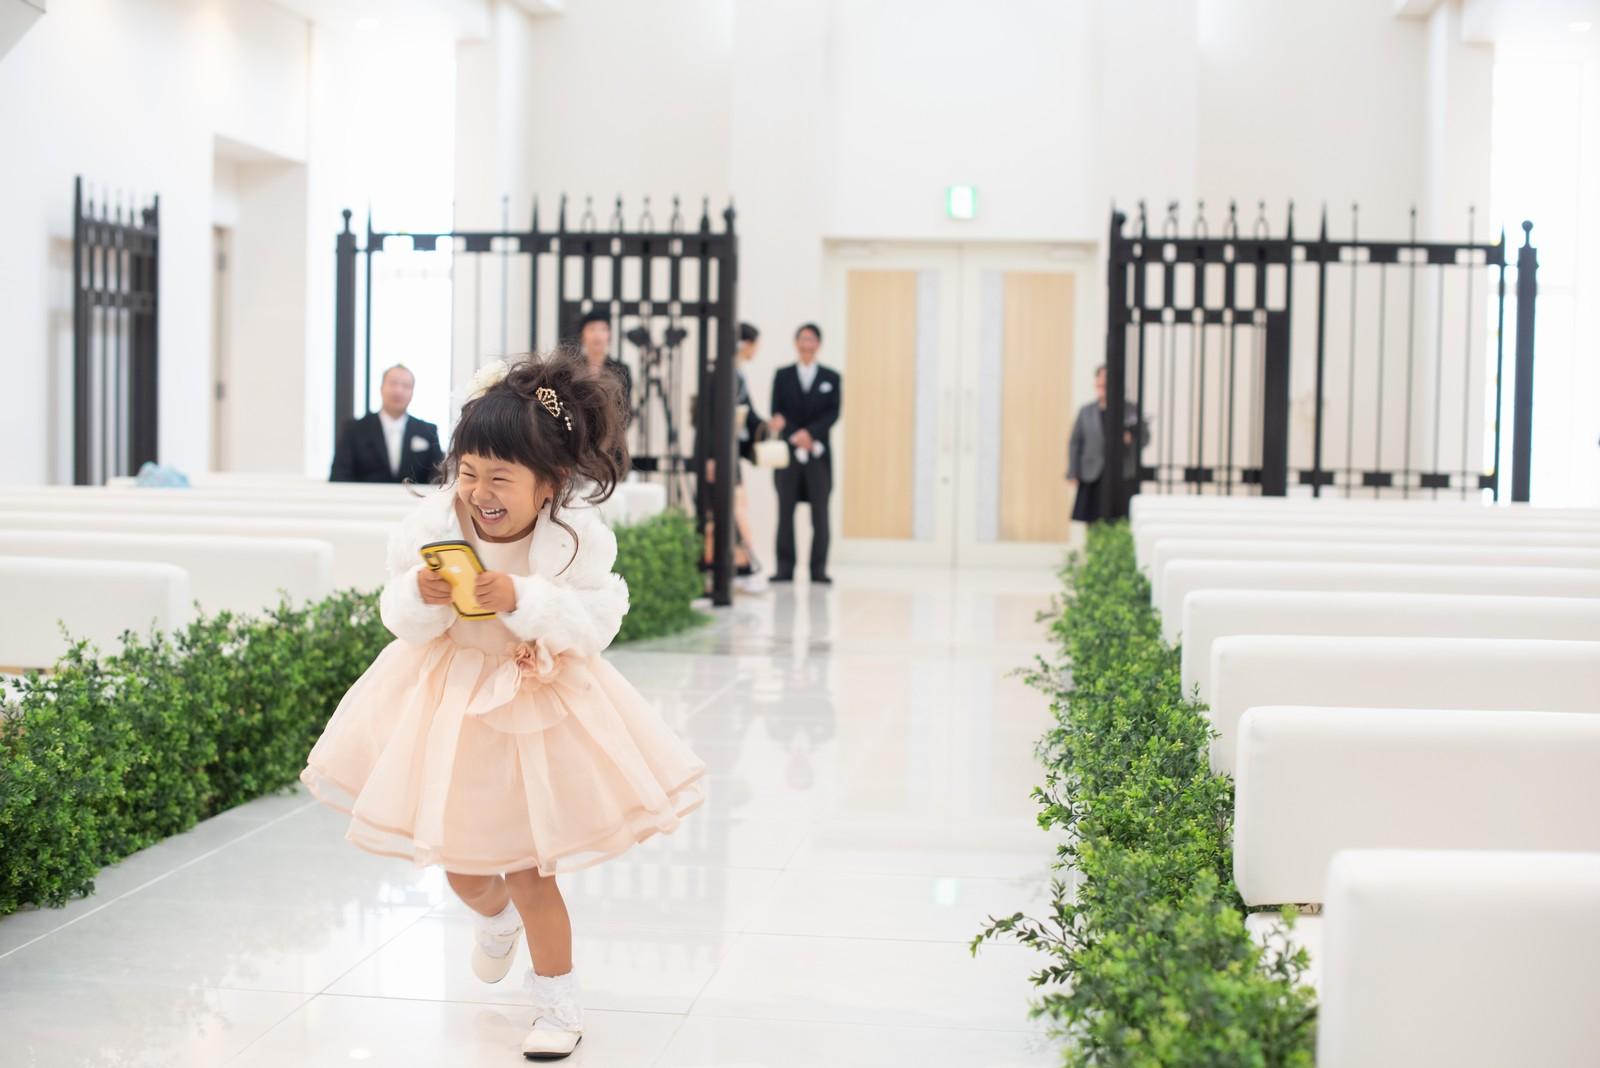 徳島市の結婚式場ブランアンジュの結婚式で元気よくお手伝いしてくれたリングガール